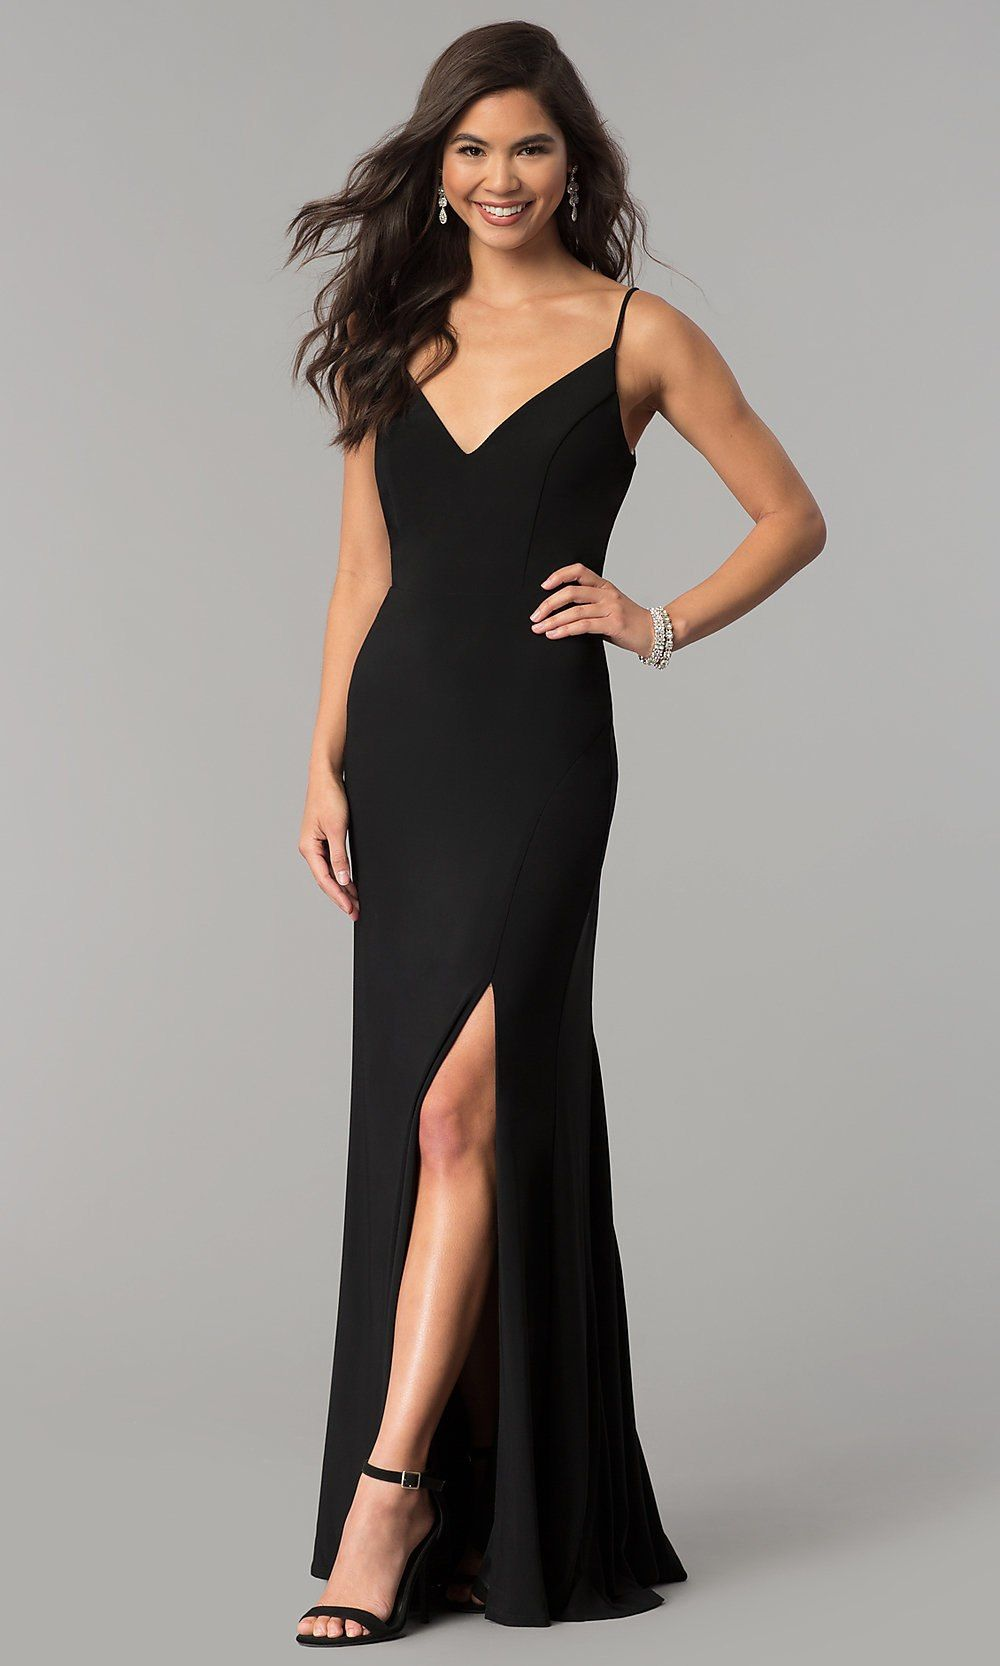 Vneck long black prom dress with side slit in formal dresses